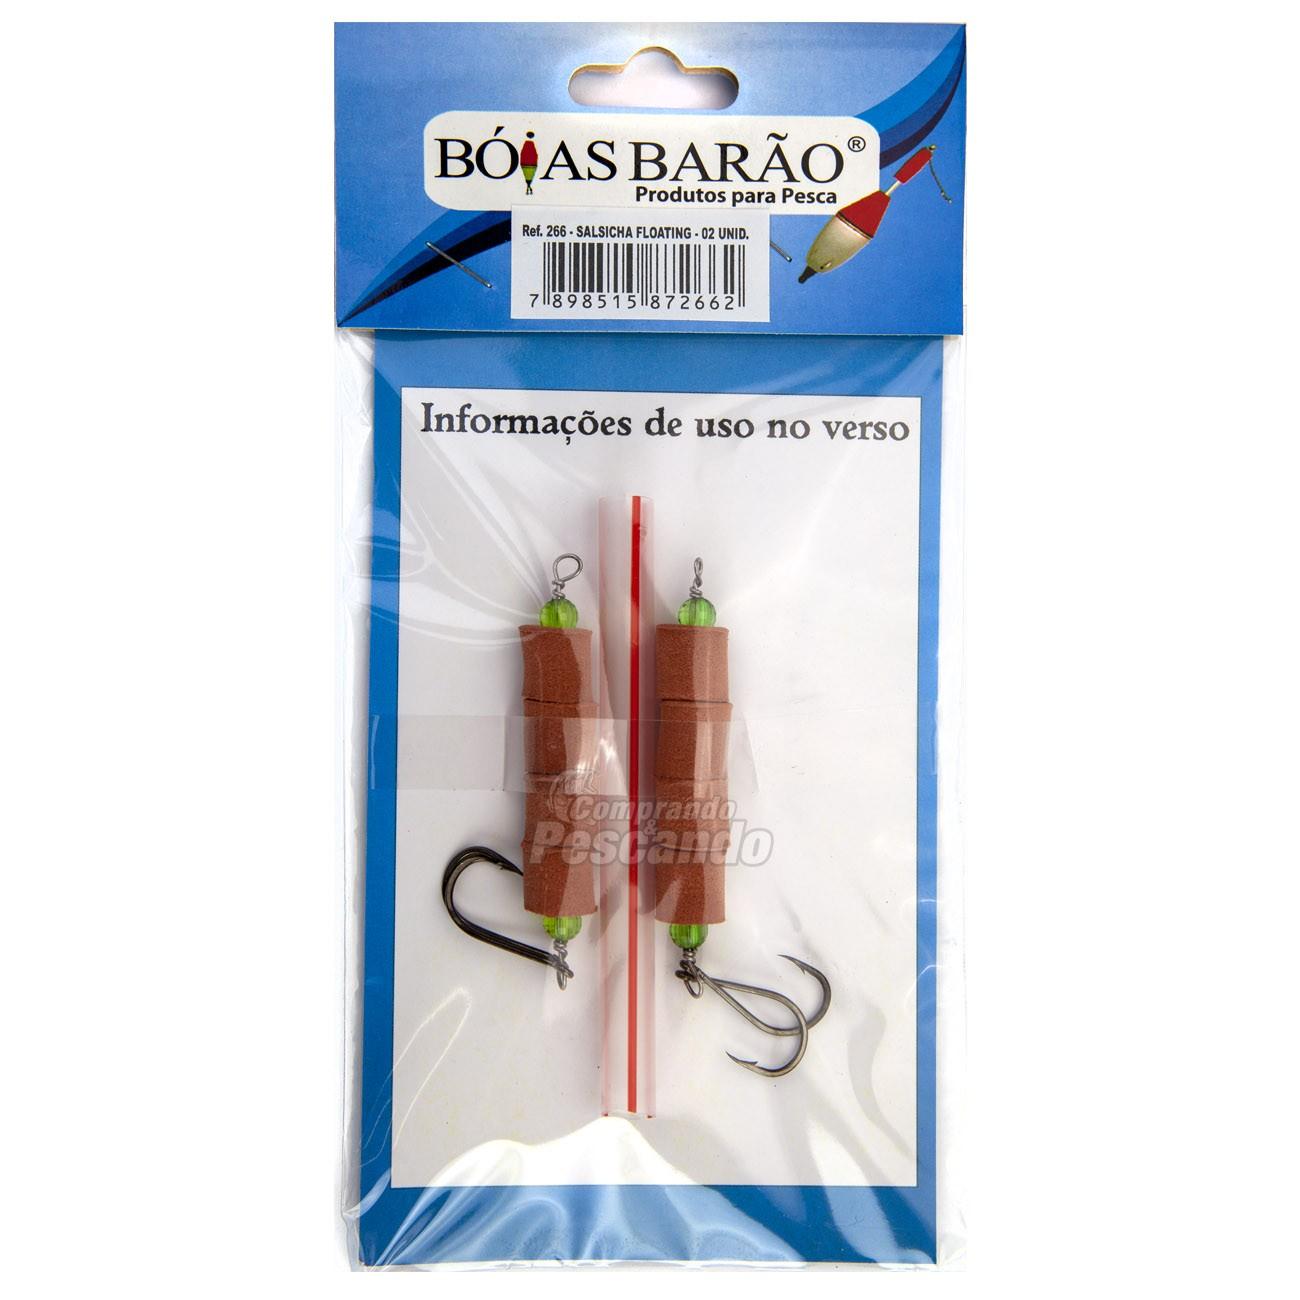 Flutuador de Salsicha Boias Barão  - Comprando & Pescando